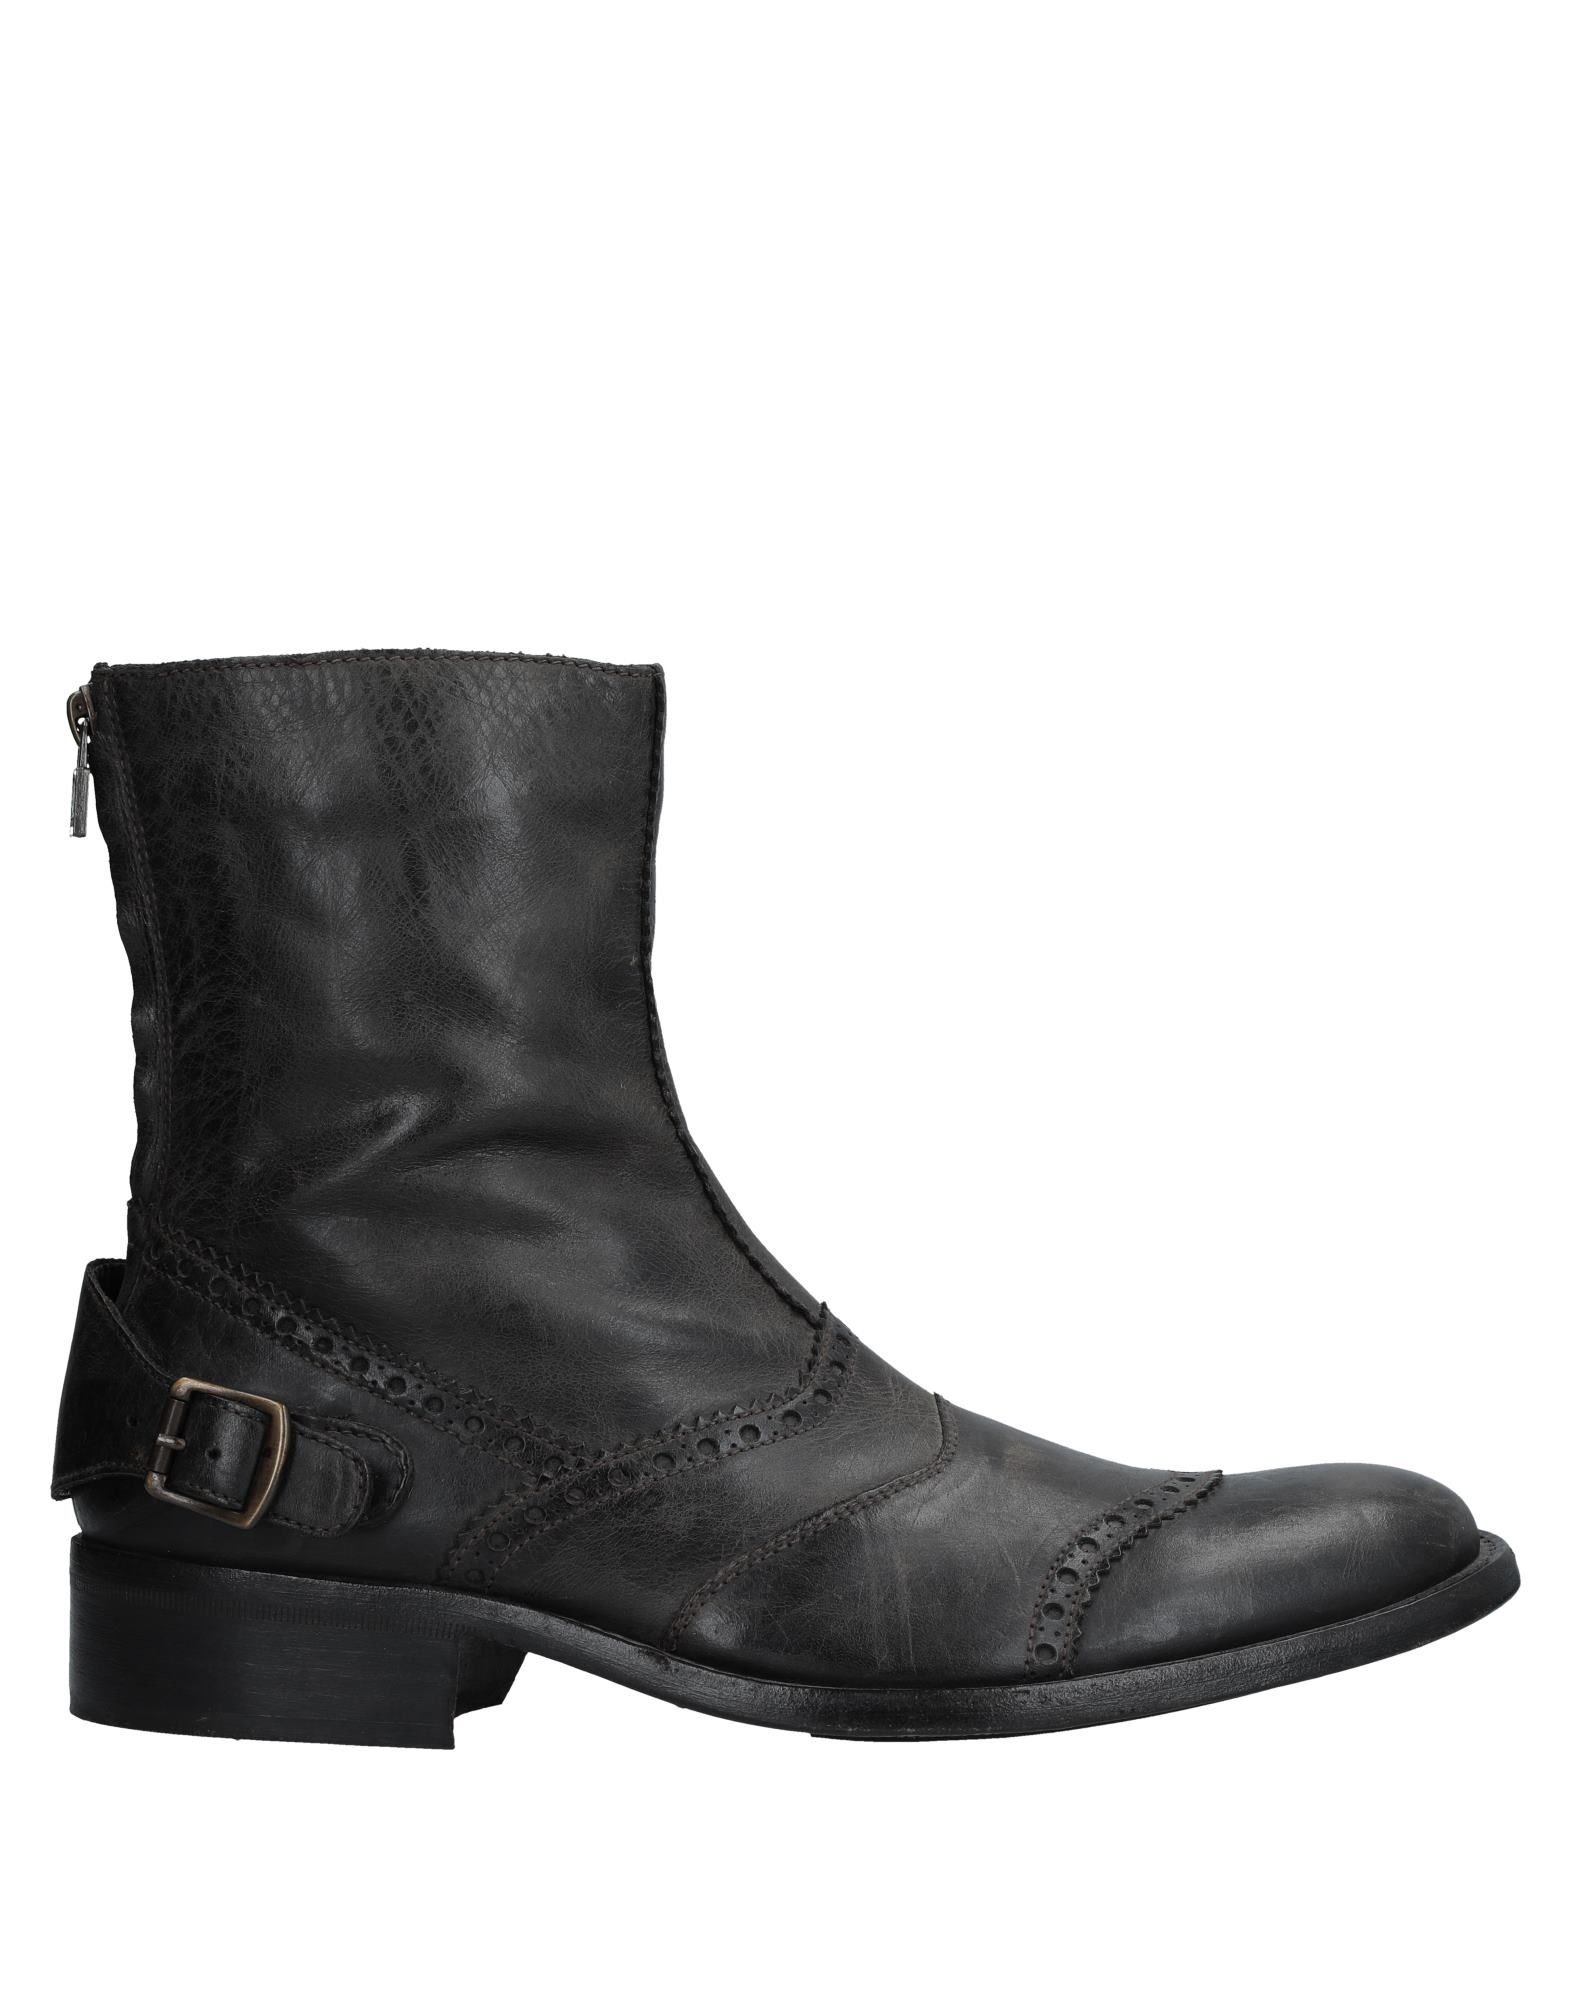 Belstaff Stiefelette Herren  11538094HB Gute Qualität beliebte Schuhe